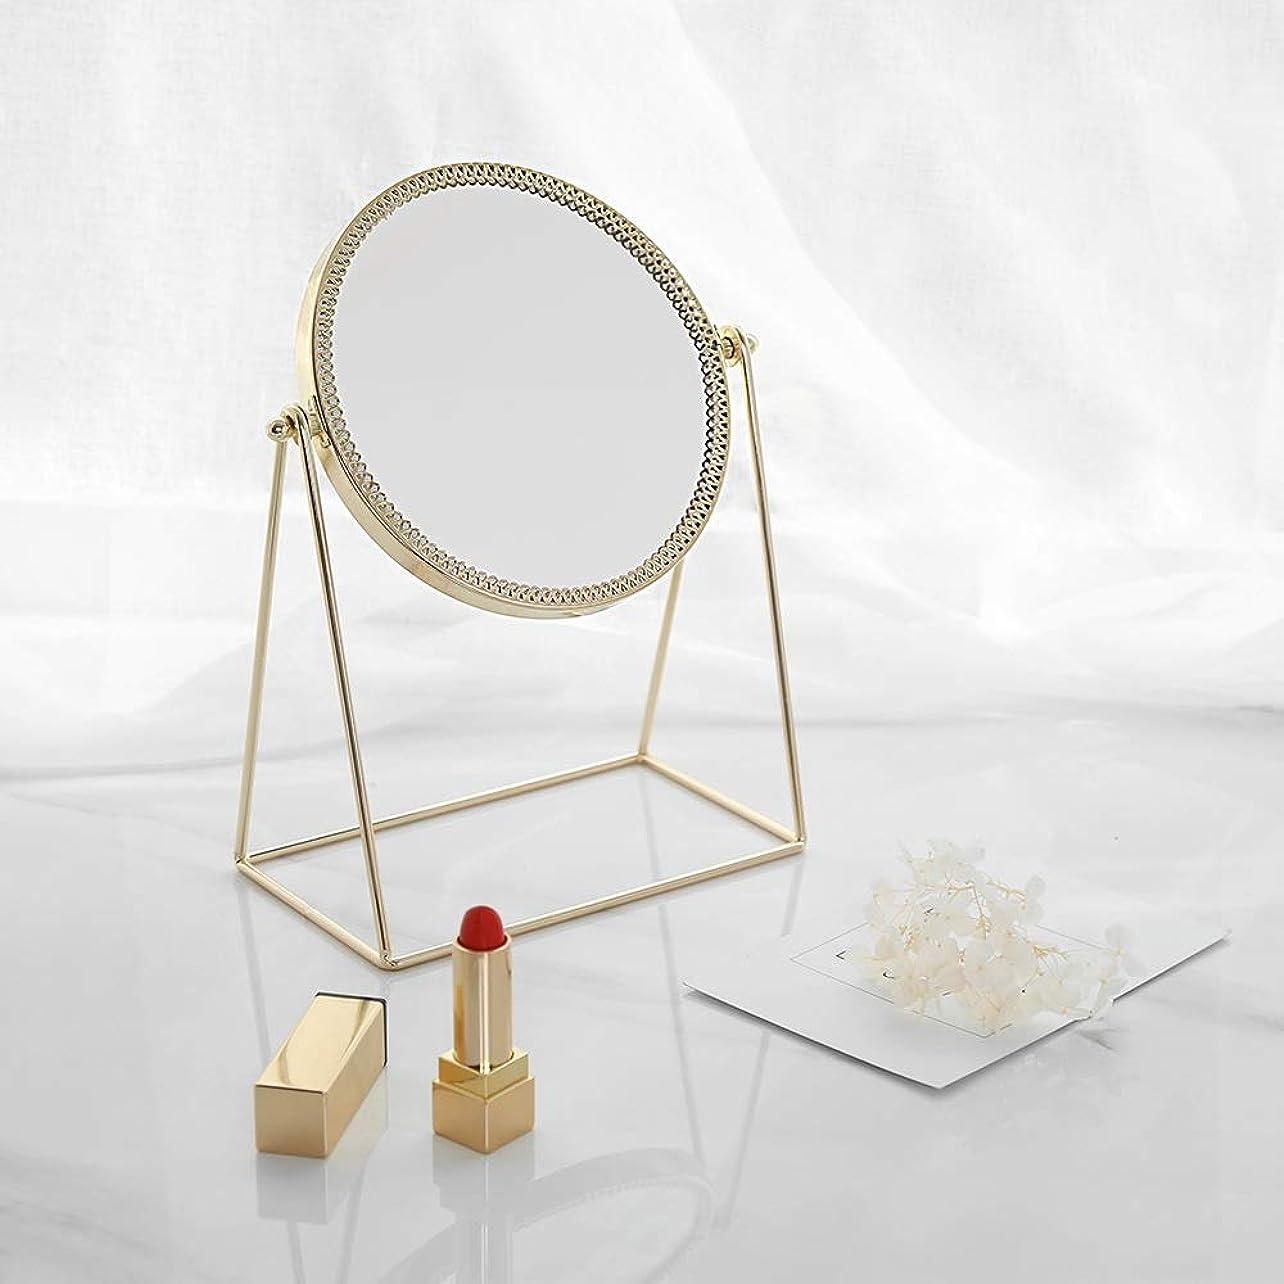 考古学クロールなぞらえる流行の 現代の創造性ゴールドラウンドアイアンフレーム+ミラーデスクトップミラー/化粧鏡